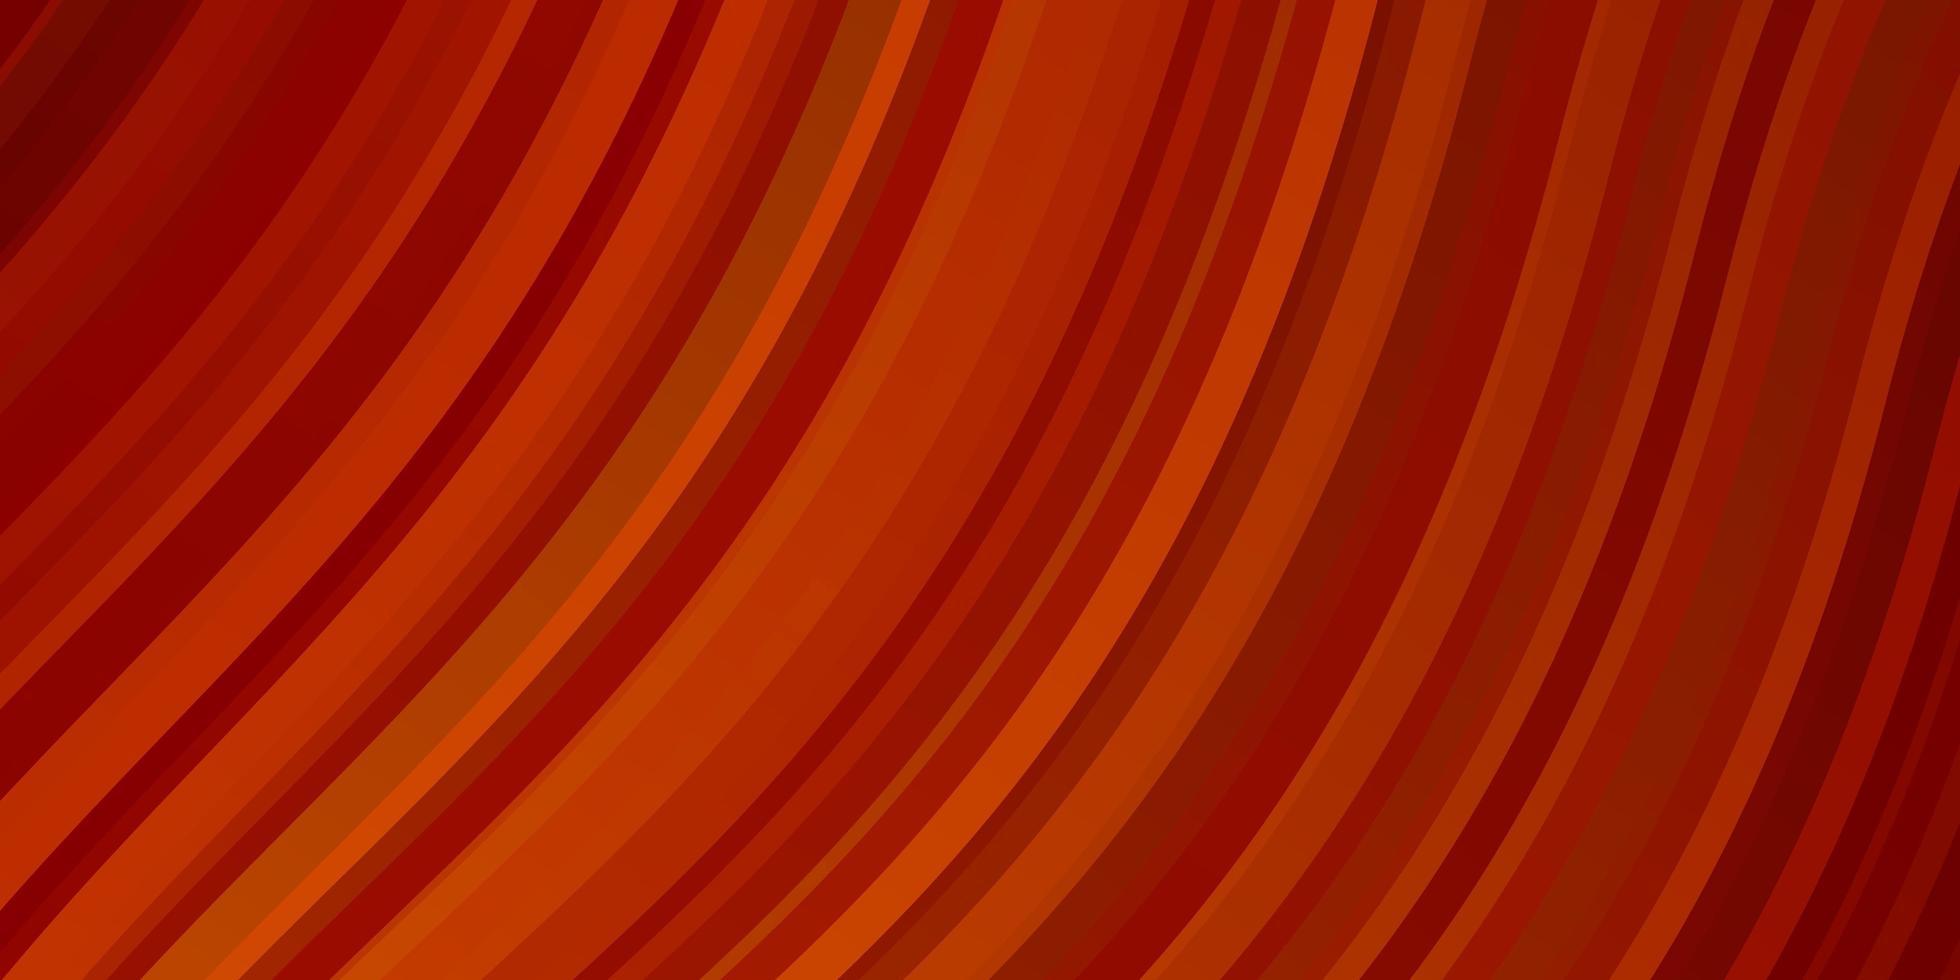 plantilla de vector naranja claro con líneas torcidas.